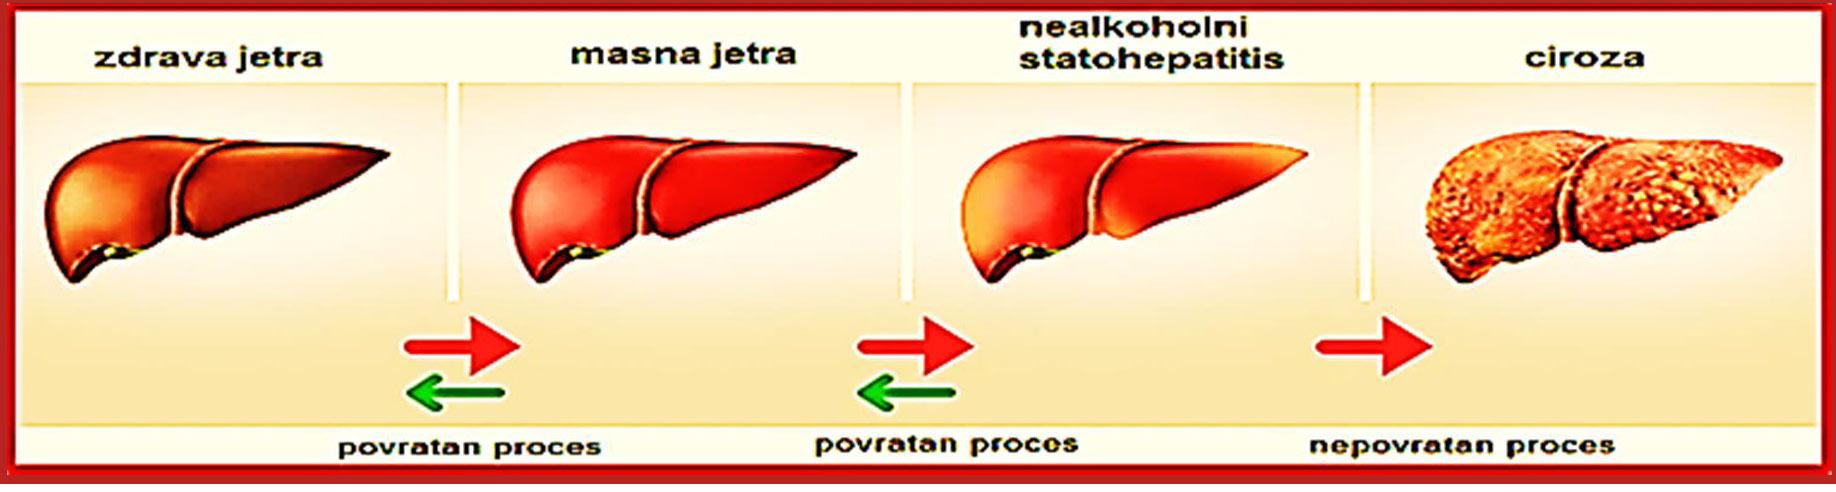 masne jetre i hipertenzije izoket hipertenzija